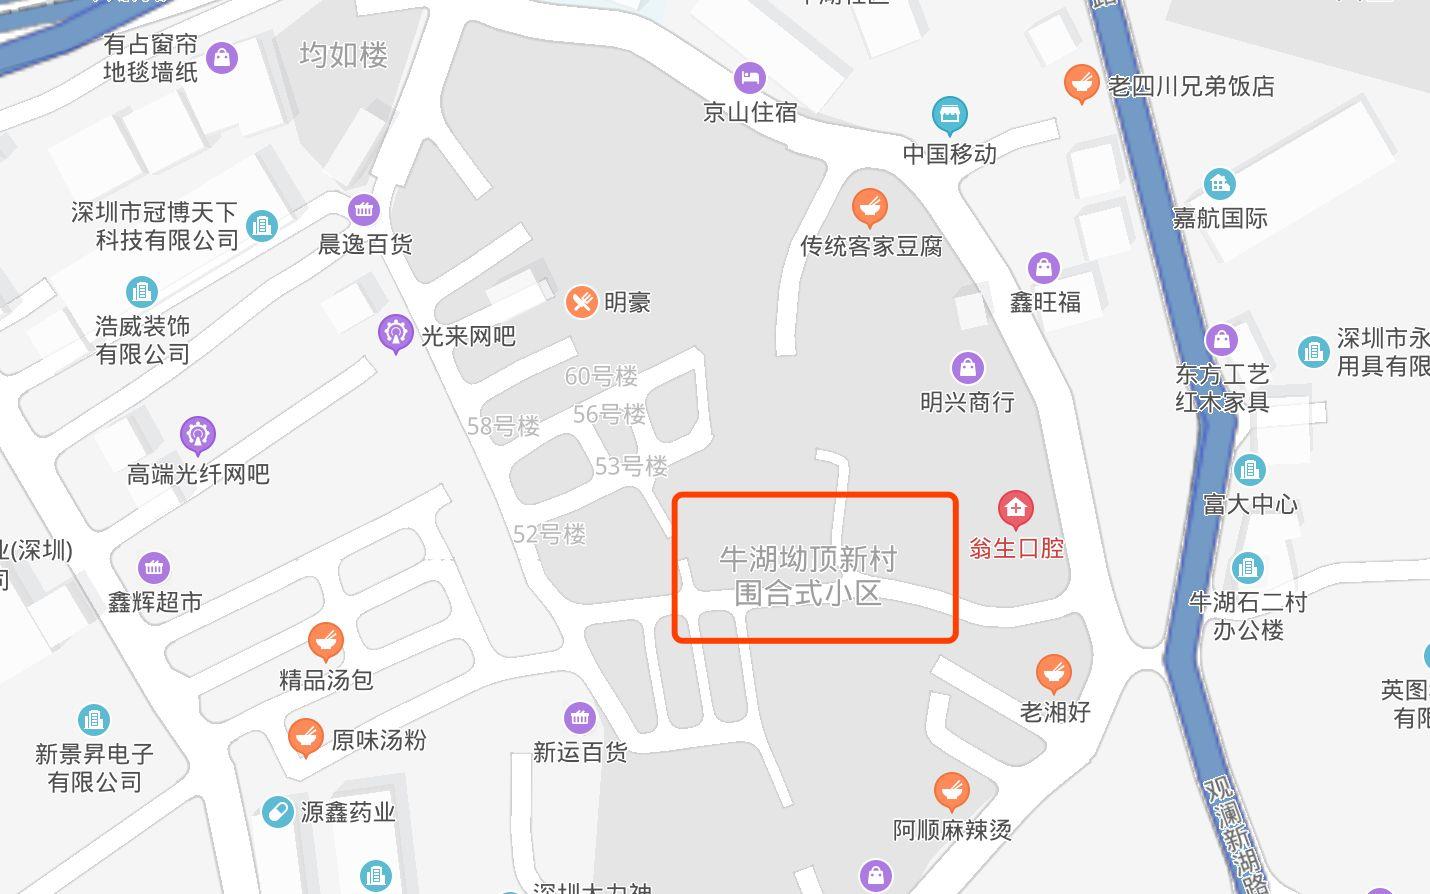 深圳一拆迁村被纳入城中村整治范围 区纪委监委介入调查